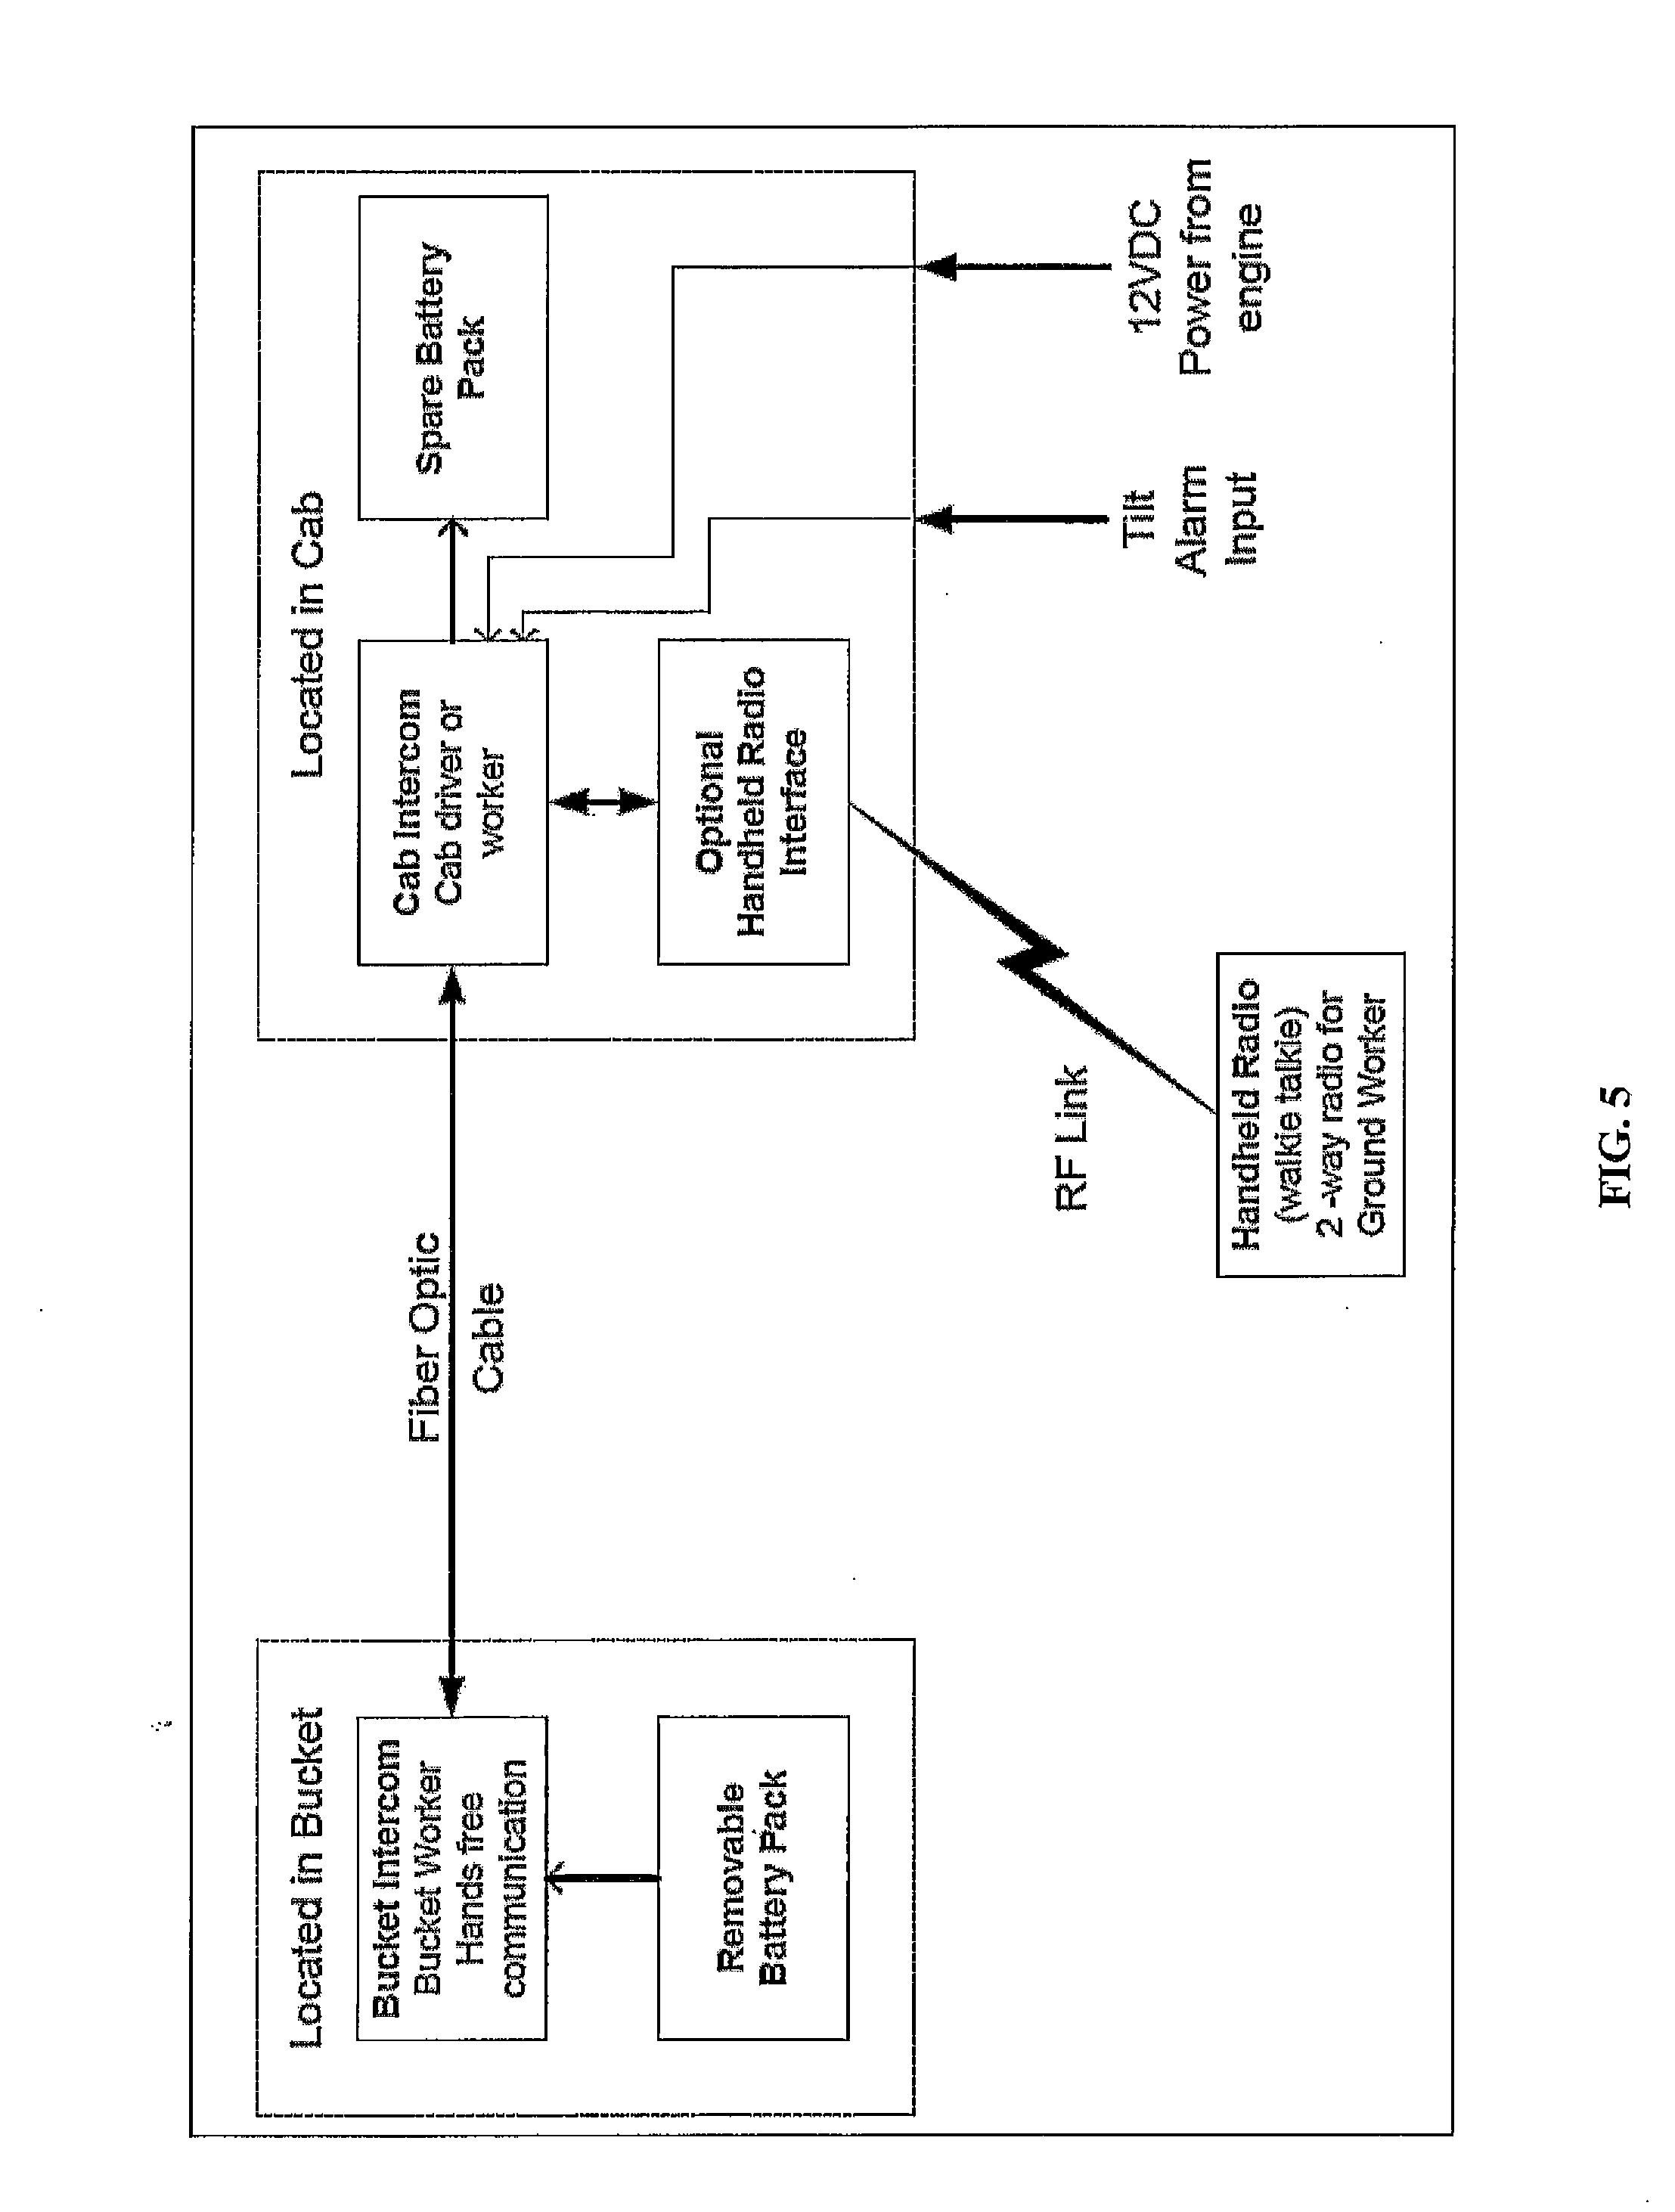 Cool Dmc1 Wiring Diagram Basic Electronics Wiring Diagram Wiring Database Plangelartorg